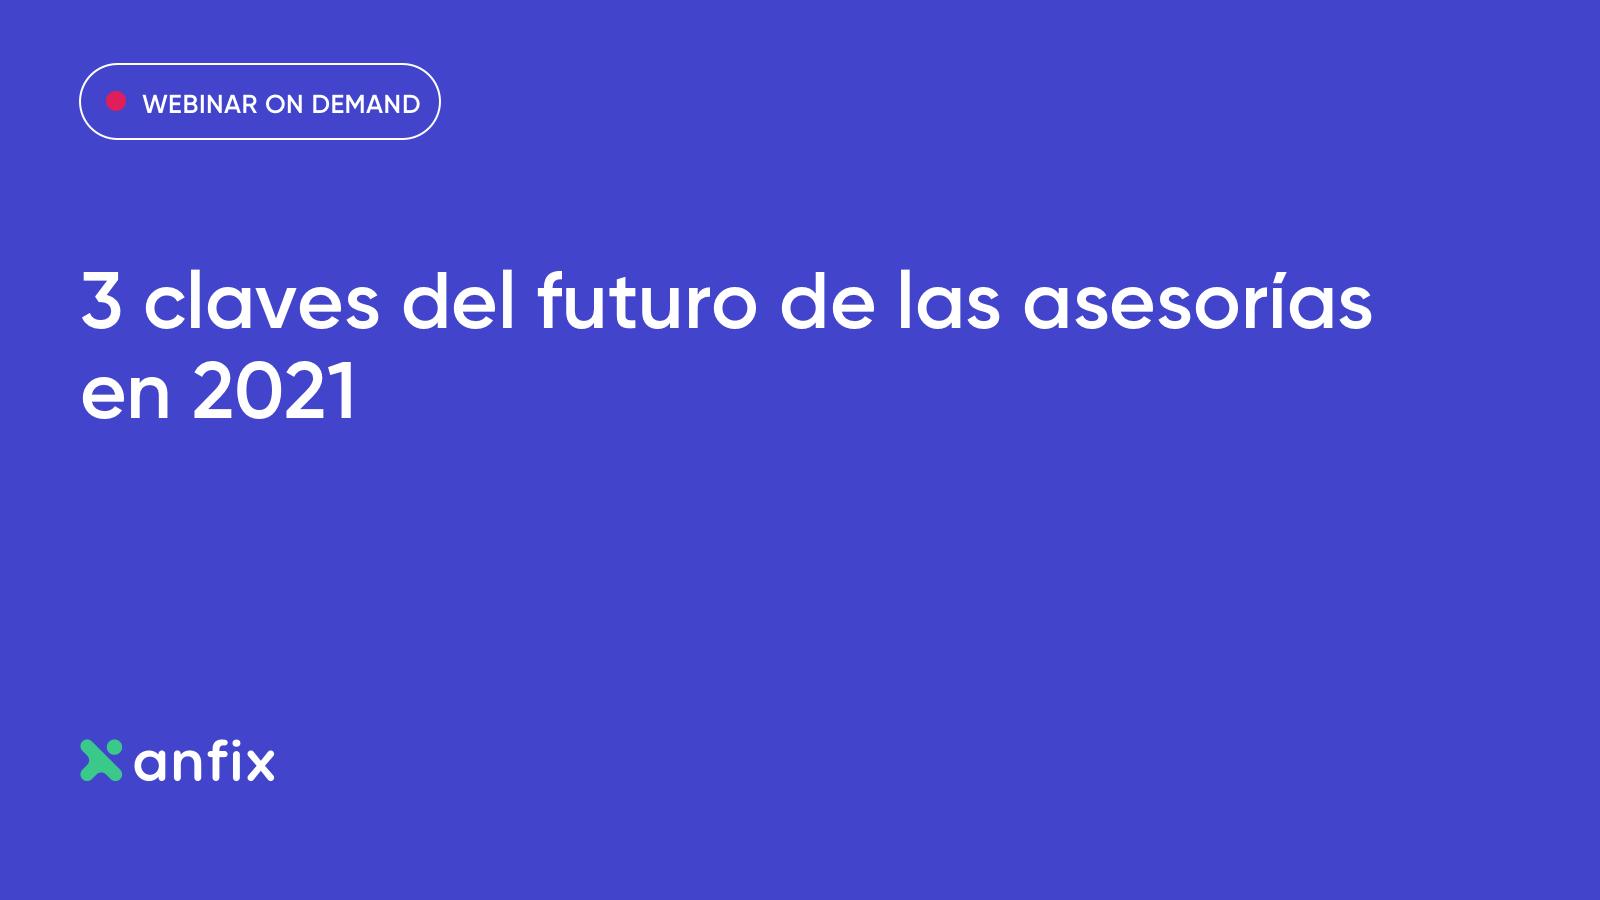 claves-futuro-asesorias